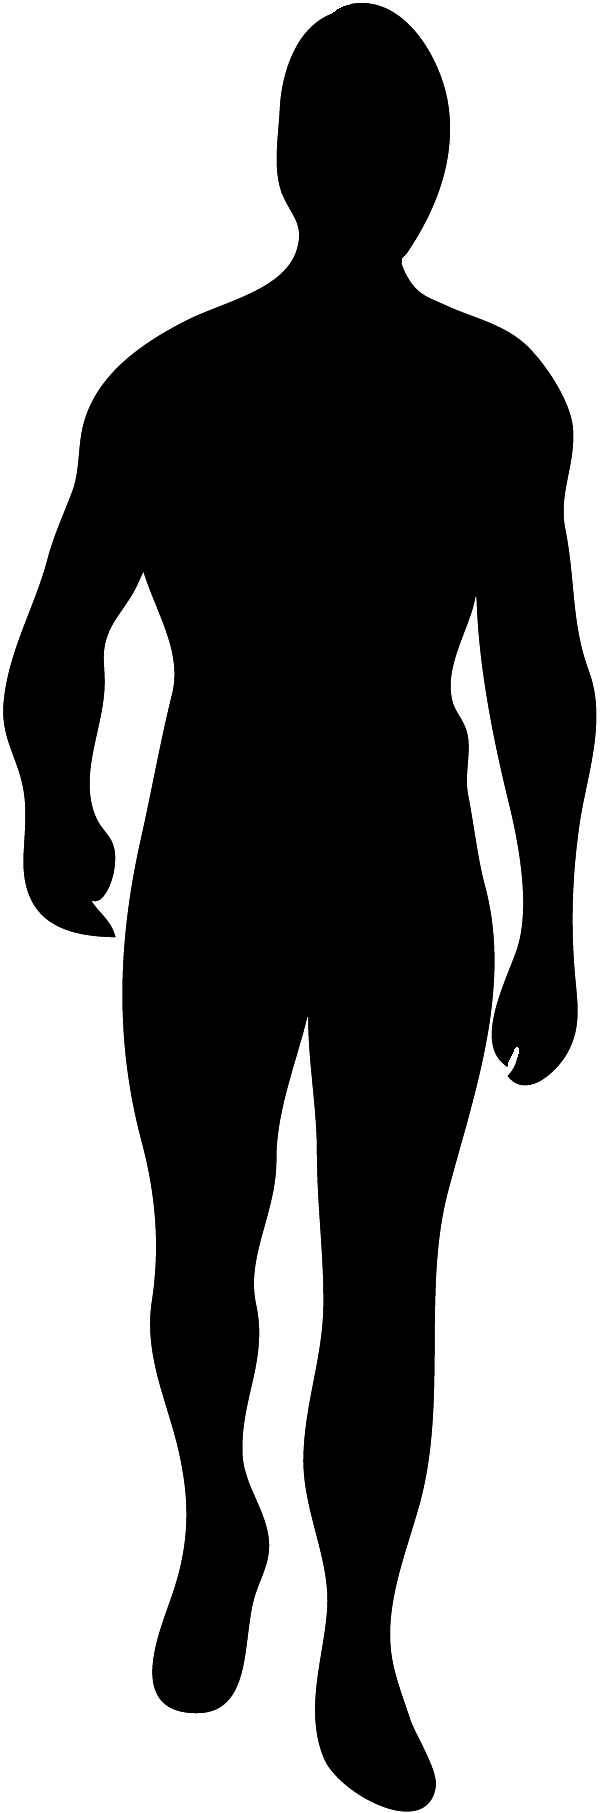 600x1813 Male Silhouette Clip Art Clipart